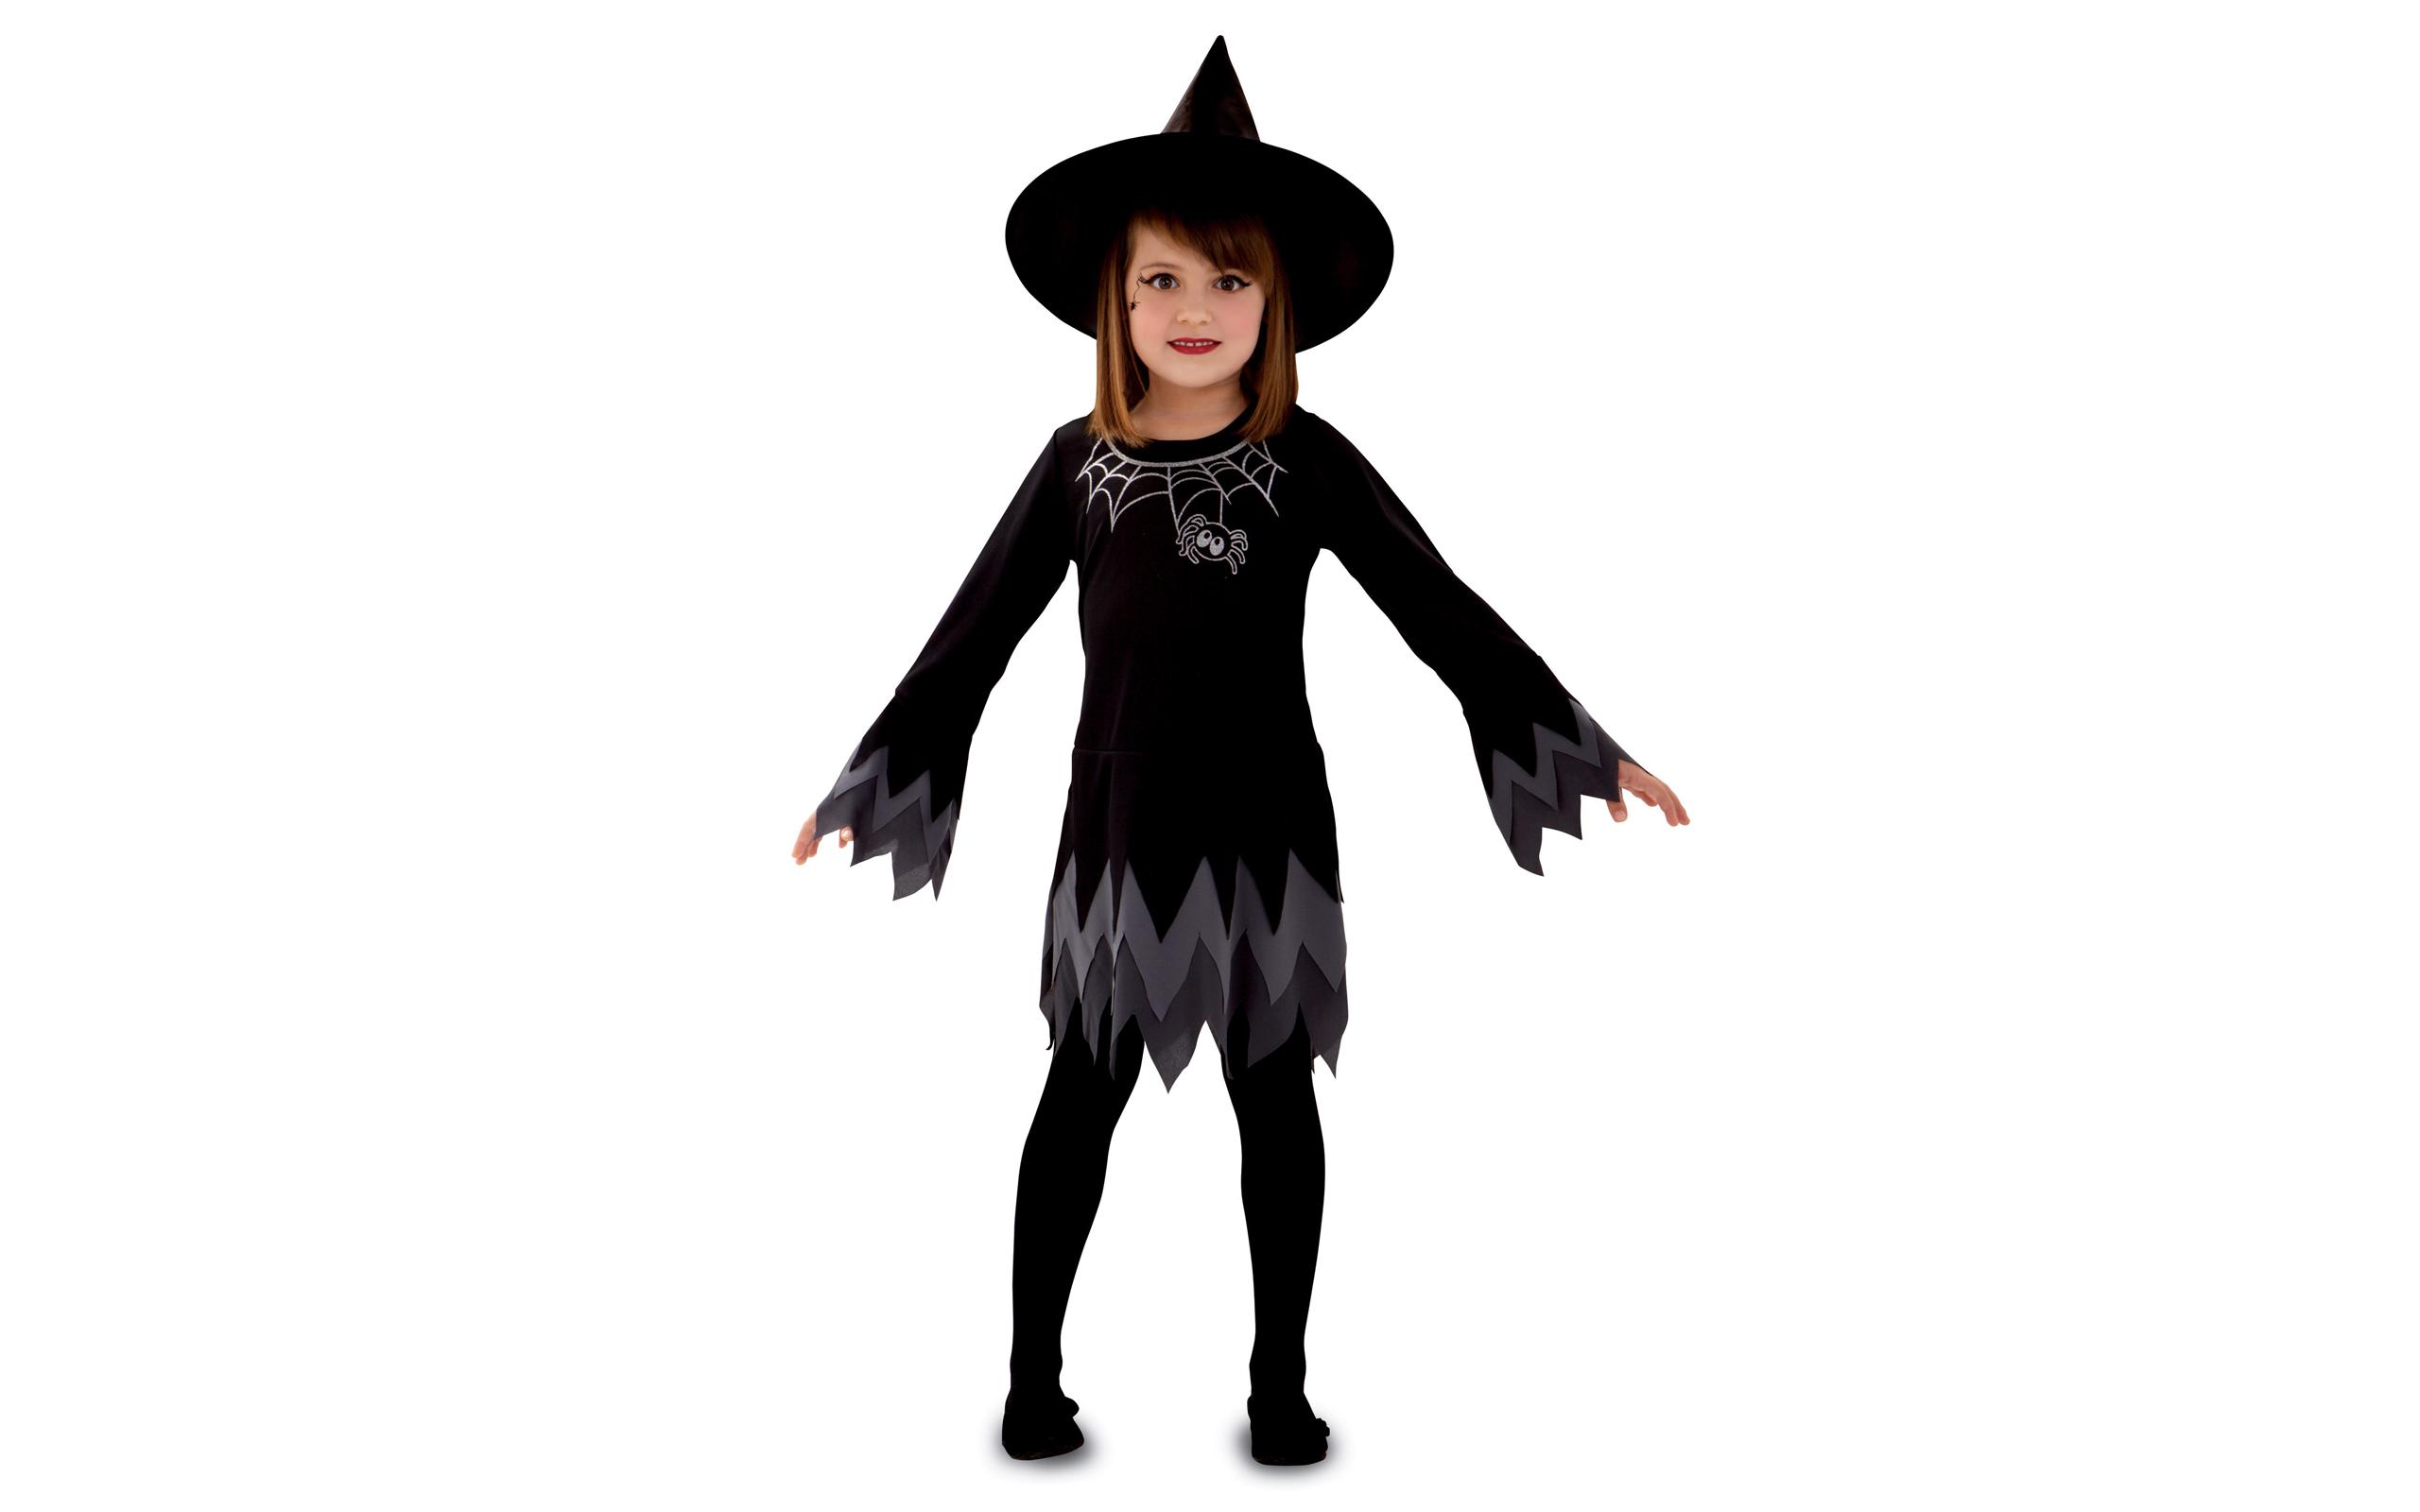 Disfraz de niña bruja - 2560x1600